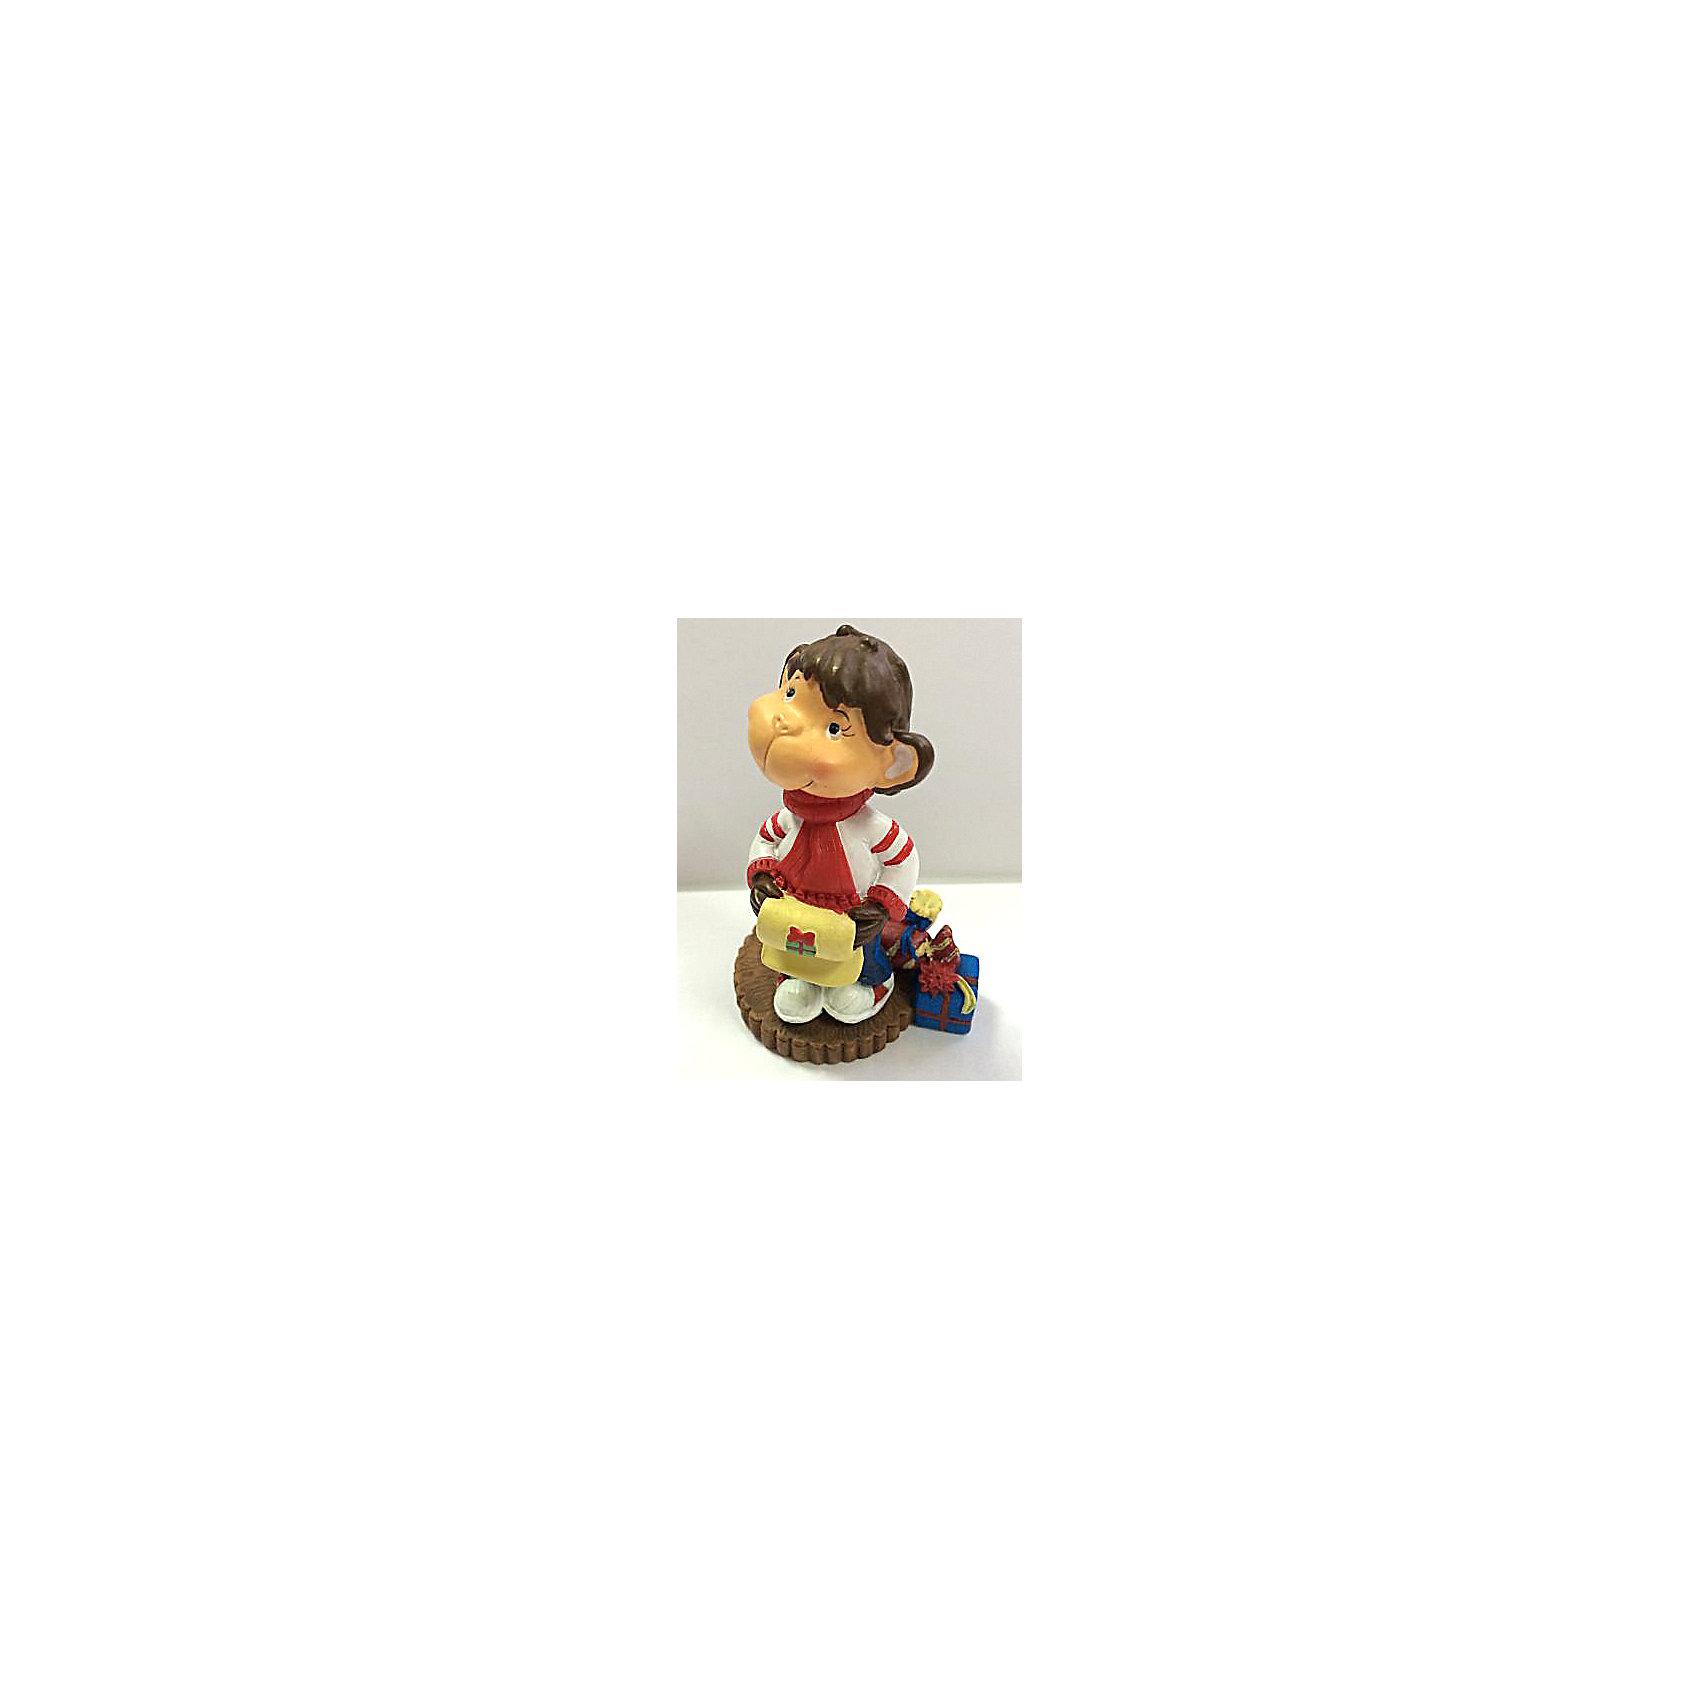 Декоративная обезьянка С подаркамиДекоративная обезьянка С подарками, Феникс-Презент, прекрасно дополнит Ваш новогодний интерьер и станет приятным сувениром для родных и друзей. Озорная обезьянка одета в теплый белый свитер и шарфик, рядом нарядные коробочки с подарками. Обезьяна является символом Нового 2016 года, забавная фигурка принесет Вам радость и удачу и поднимет настроение.  <br><br>Дополнительная информация:<br><br>- Материал: полирезина. <br>- Размер фигурки: 5,2 х 4,8 см.<br><br>Декоративную обезьянку С подарками, Феникс-Презент, можно купить в нашем интернет-магазине.<br><br>Ширина мм: 65<br>Глубина мм: 60<br>Высота мм: 90<br>Вес г: 100<br>Возраст от месяцев: 36<br>Возраст до месяцев: 2147483647<br>Пол: Унисекс<br>Возраст: Детский<br>SKU: 4276514